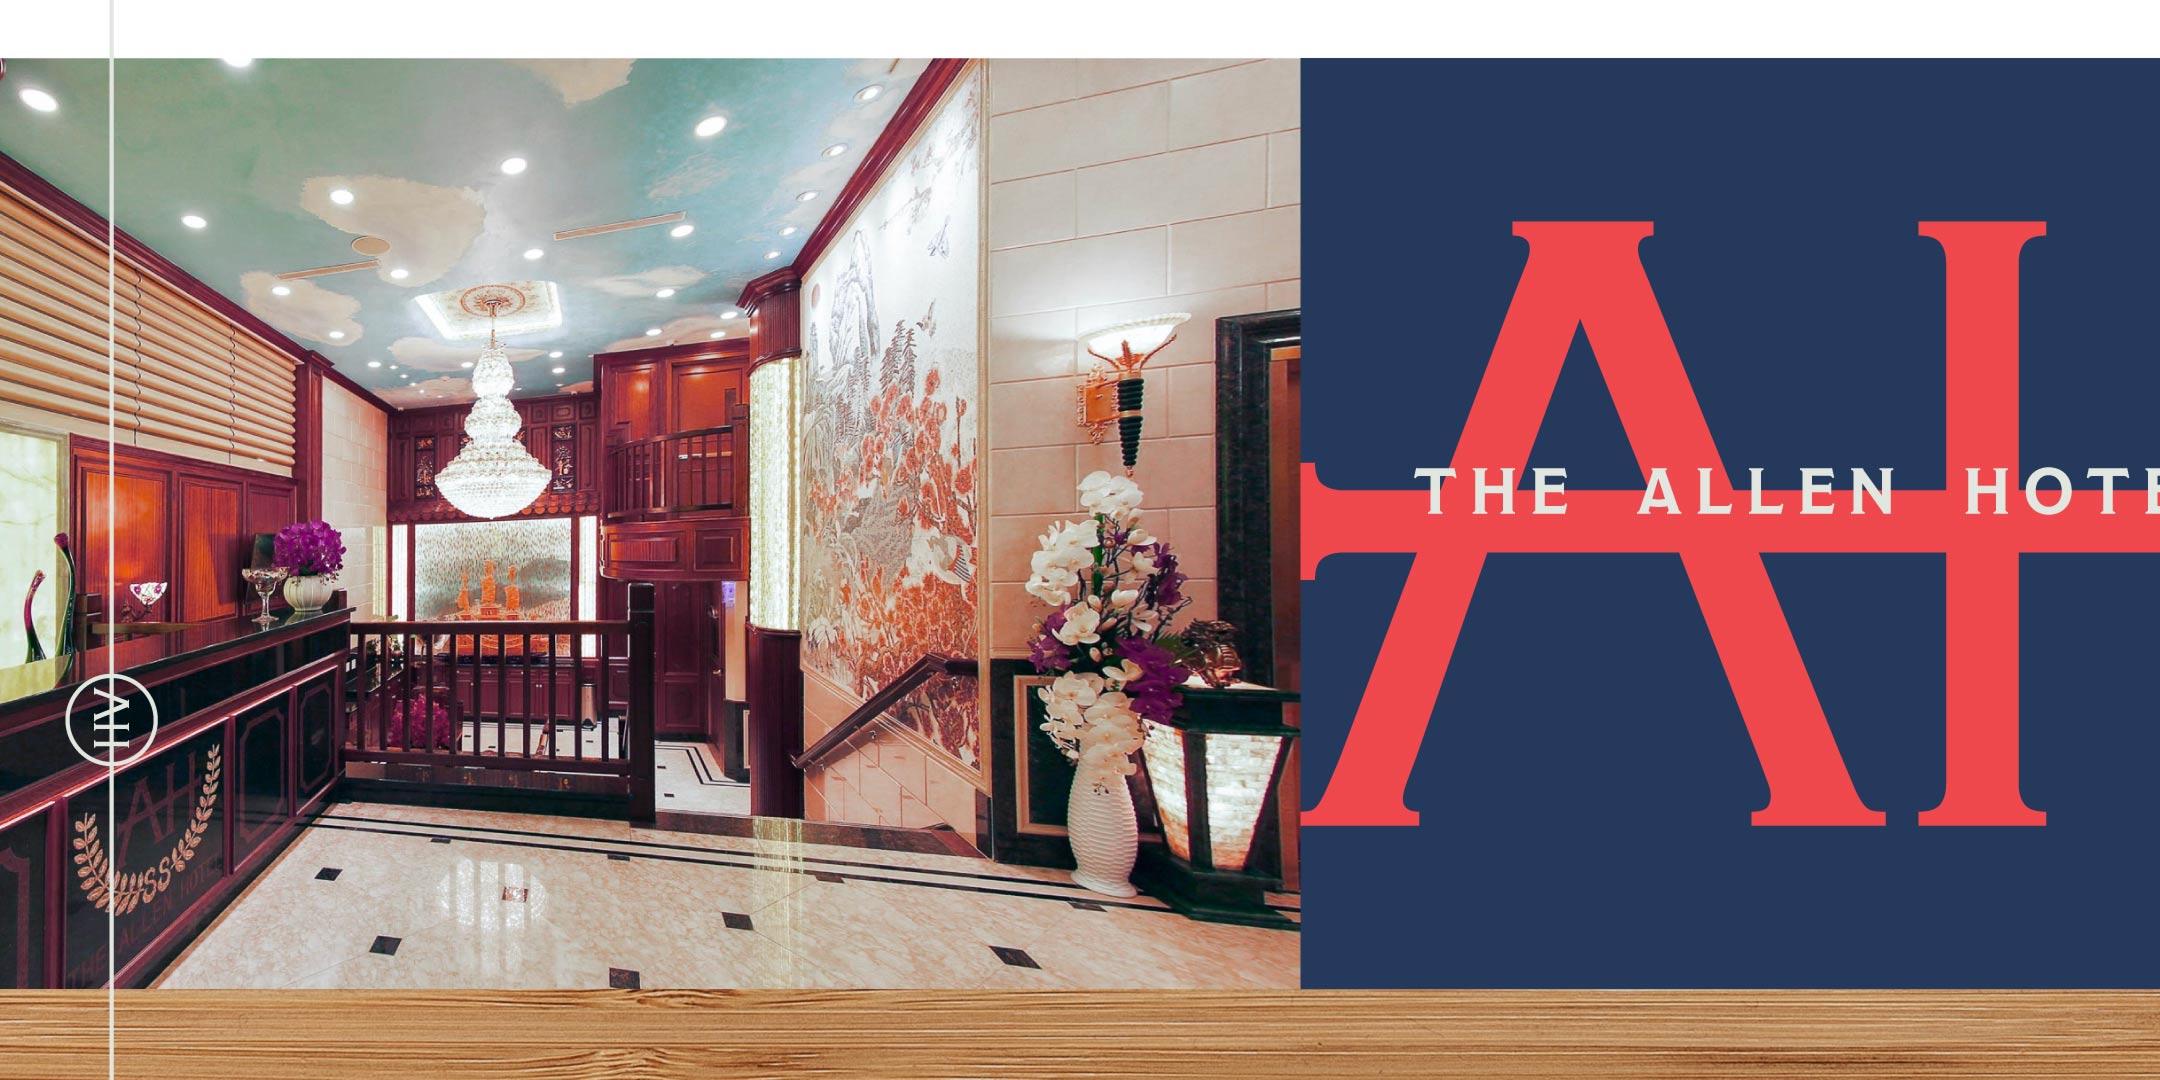 the-allen-hotel-case-study-07